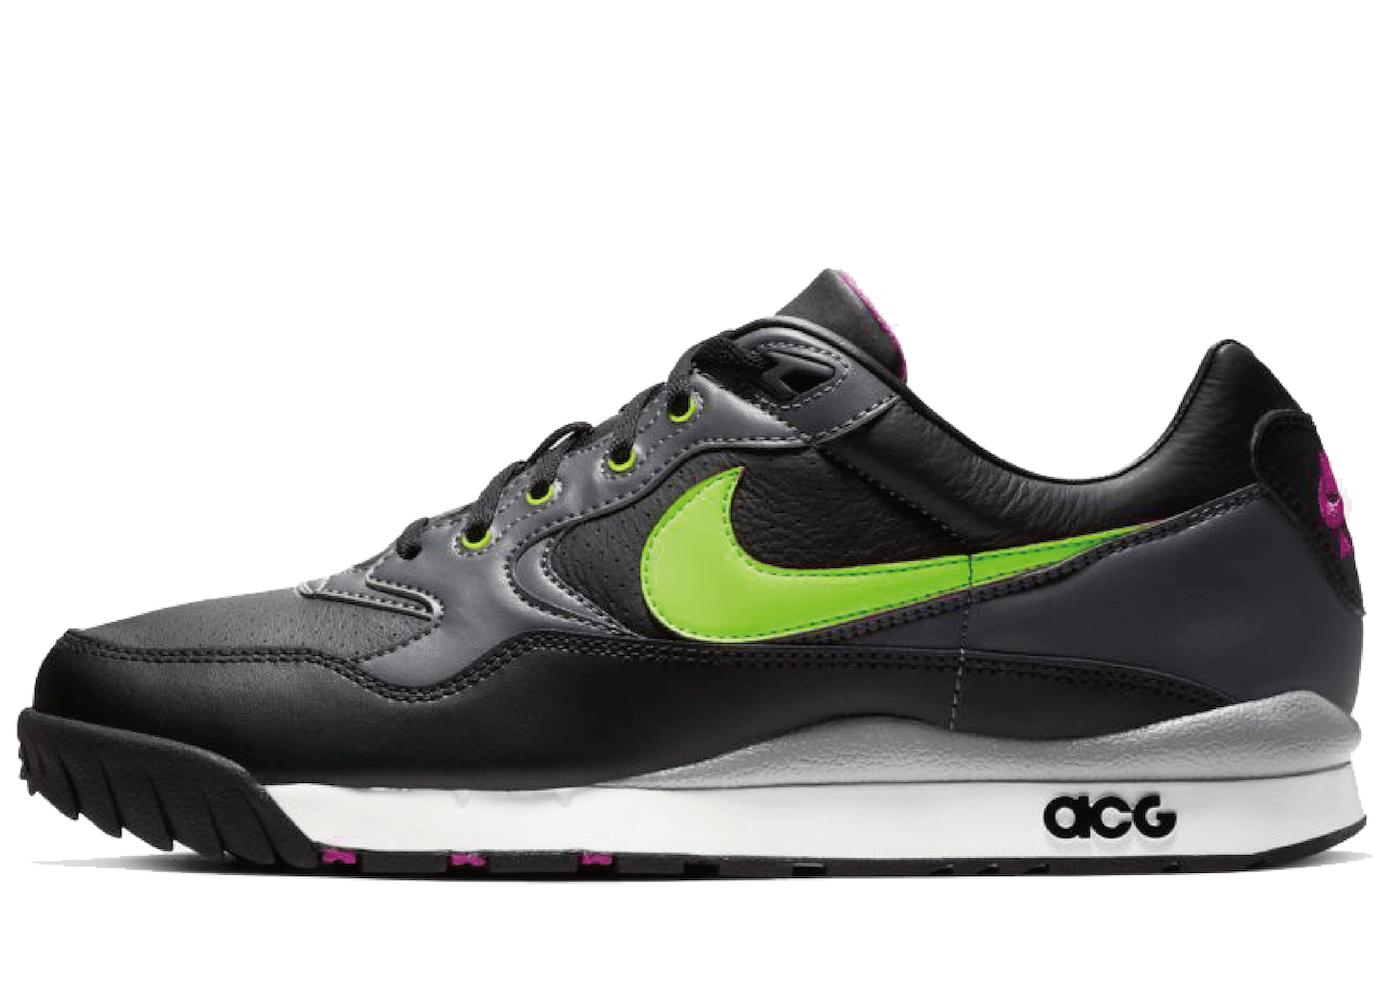 Nike Air Wildwood ACG Electric Green Black Hyper Violetの写真